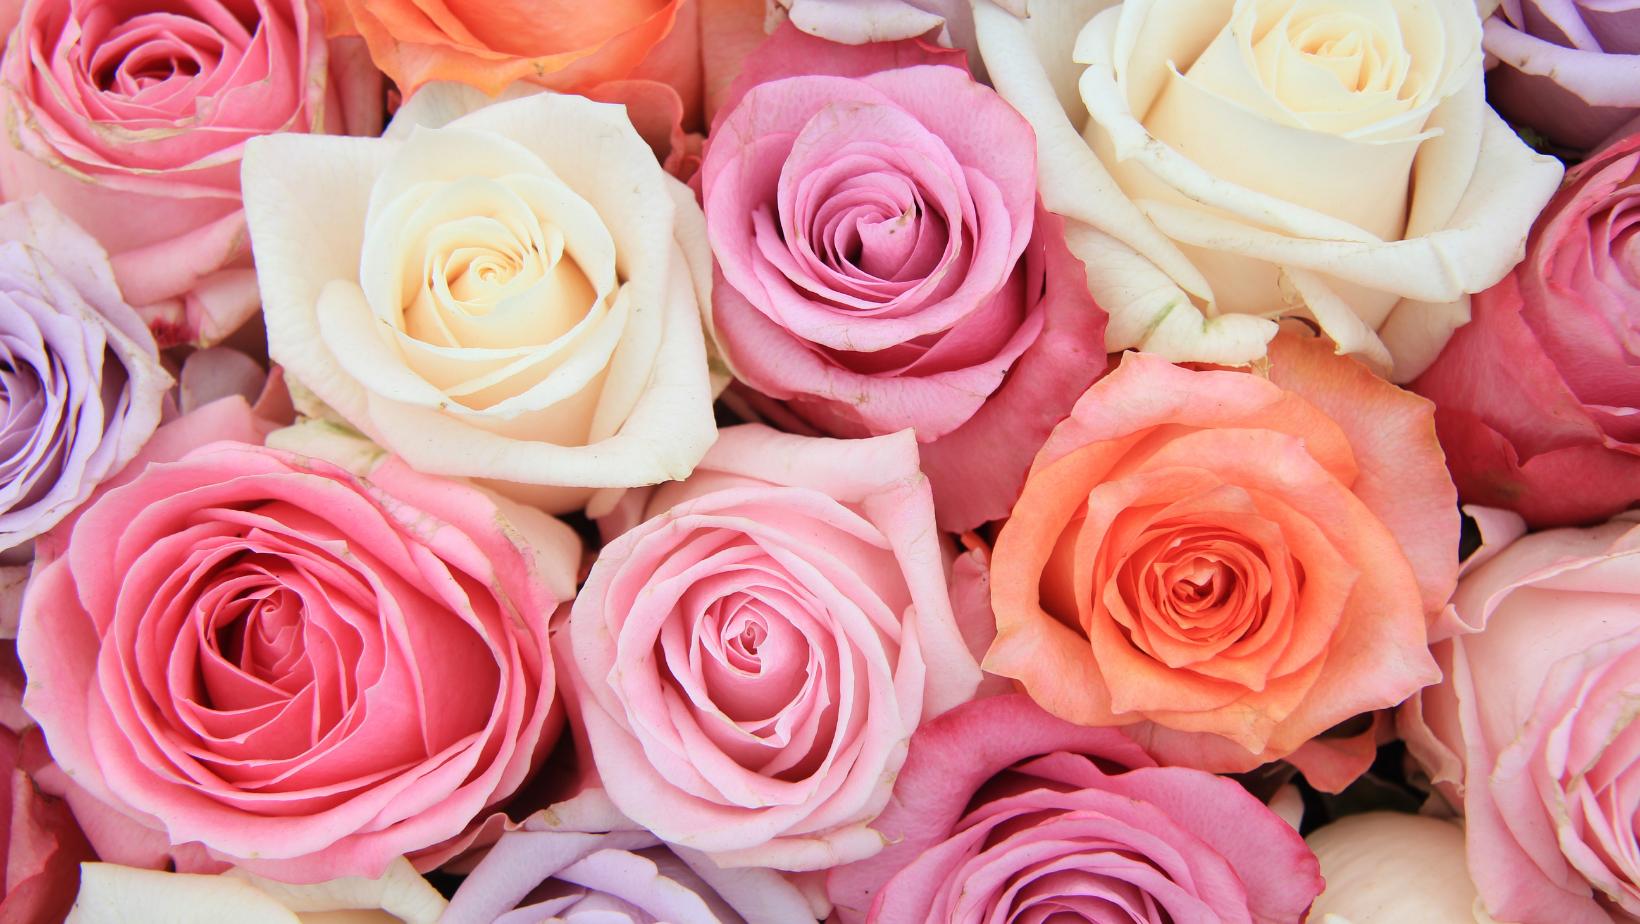 Roses & Rosés